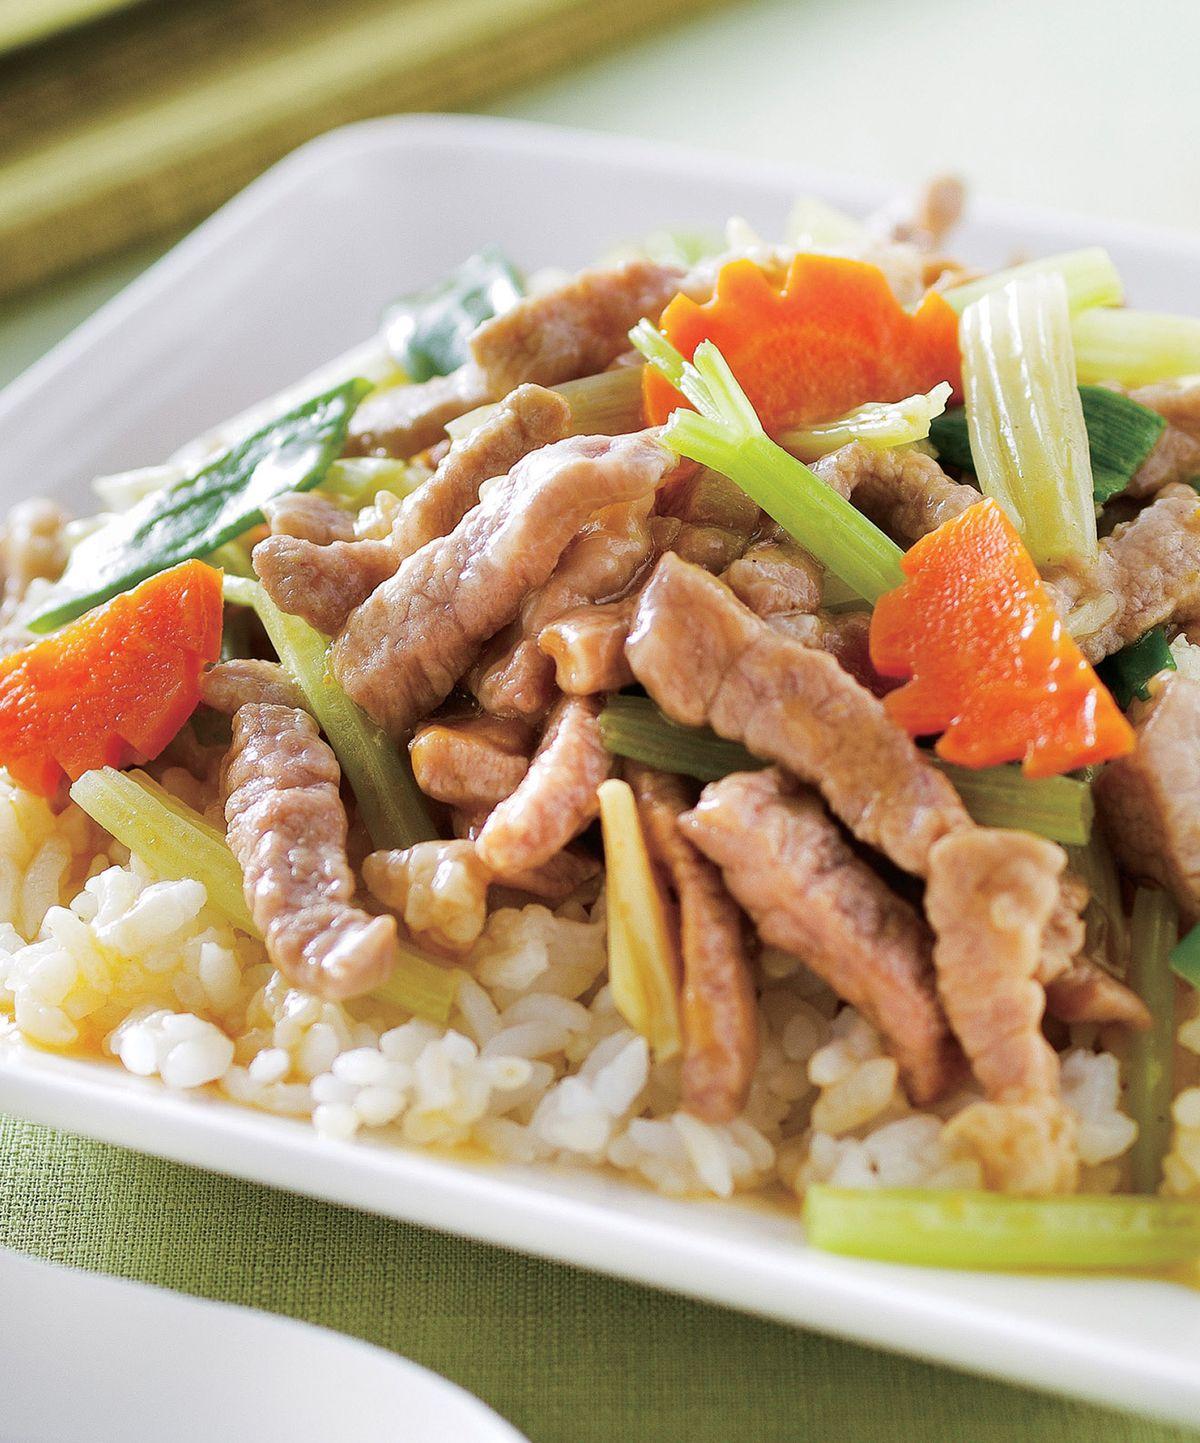 食譜:蔬菜肉絲燴飯